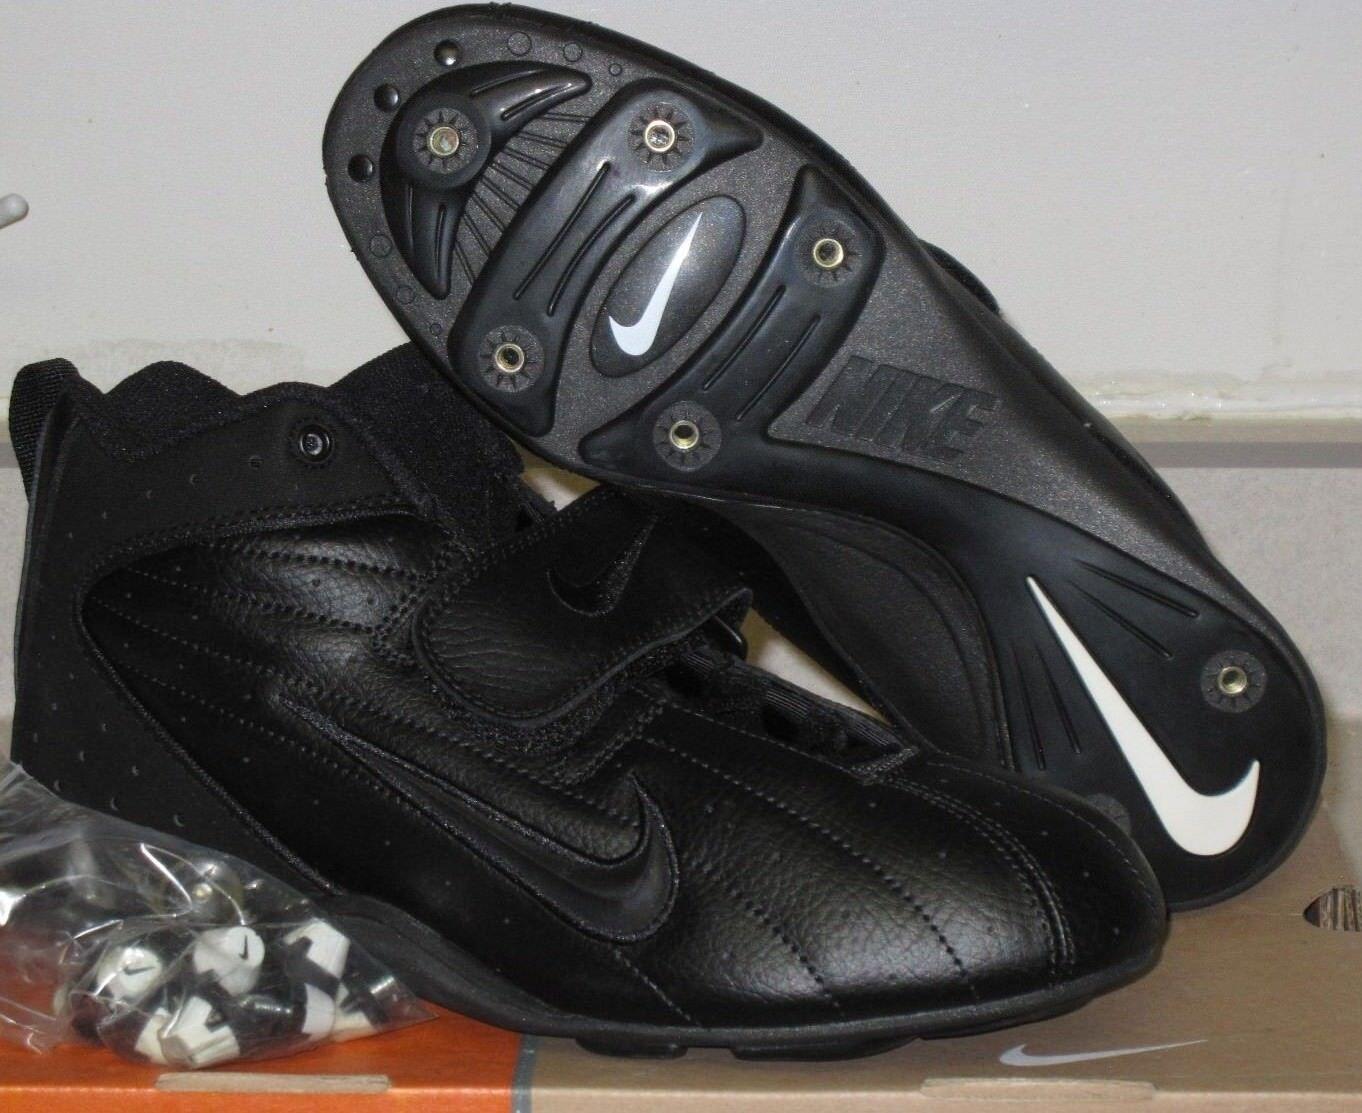 NIKE OPEN FIELD MEN'S FOOTBALL CLEATS SIZE 8